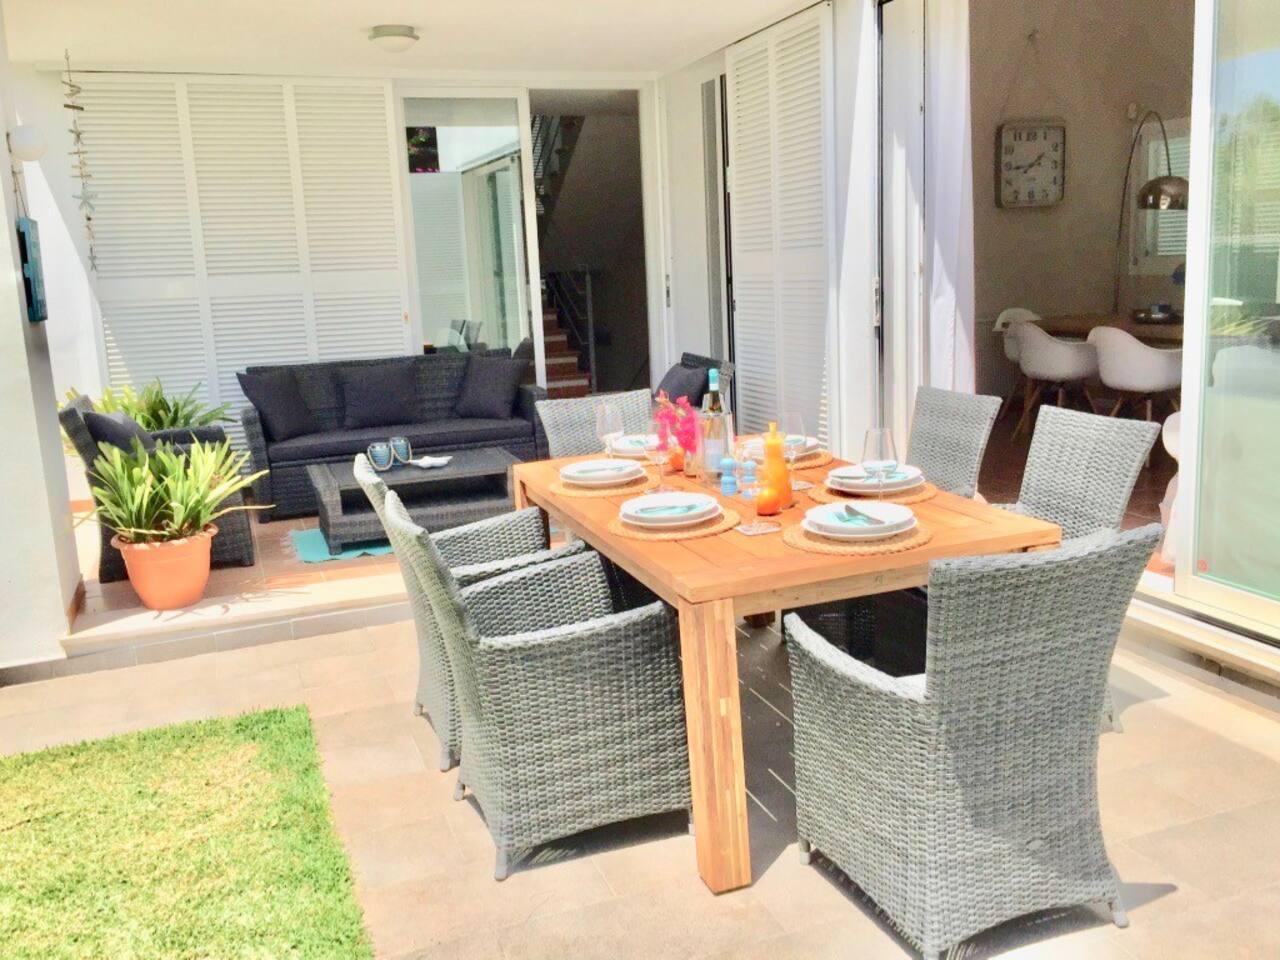 Wunderschöne Villa mit tollem Garten und diversen Sitzgelegenheiten zum entspannen und genießen